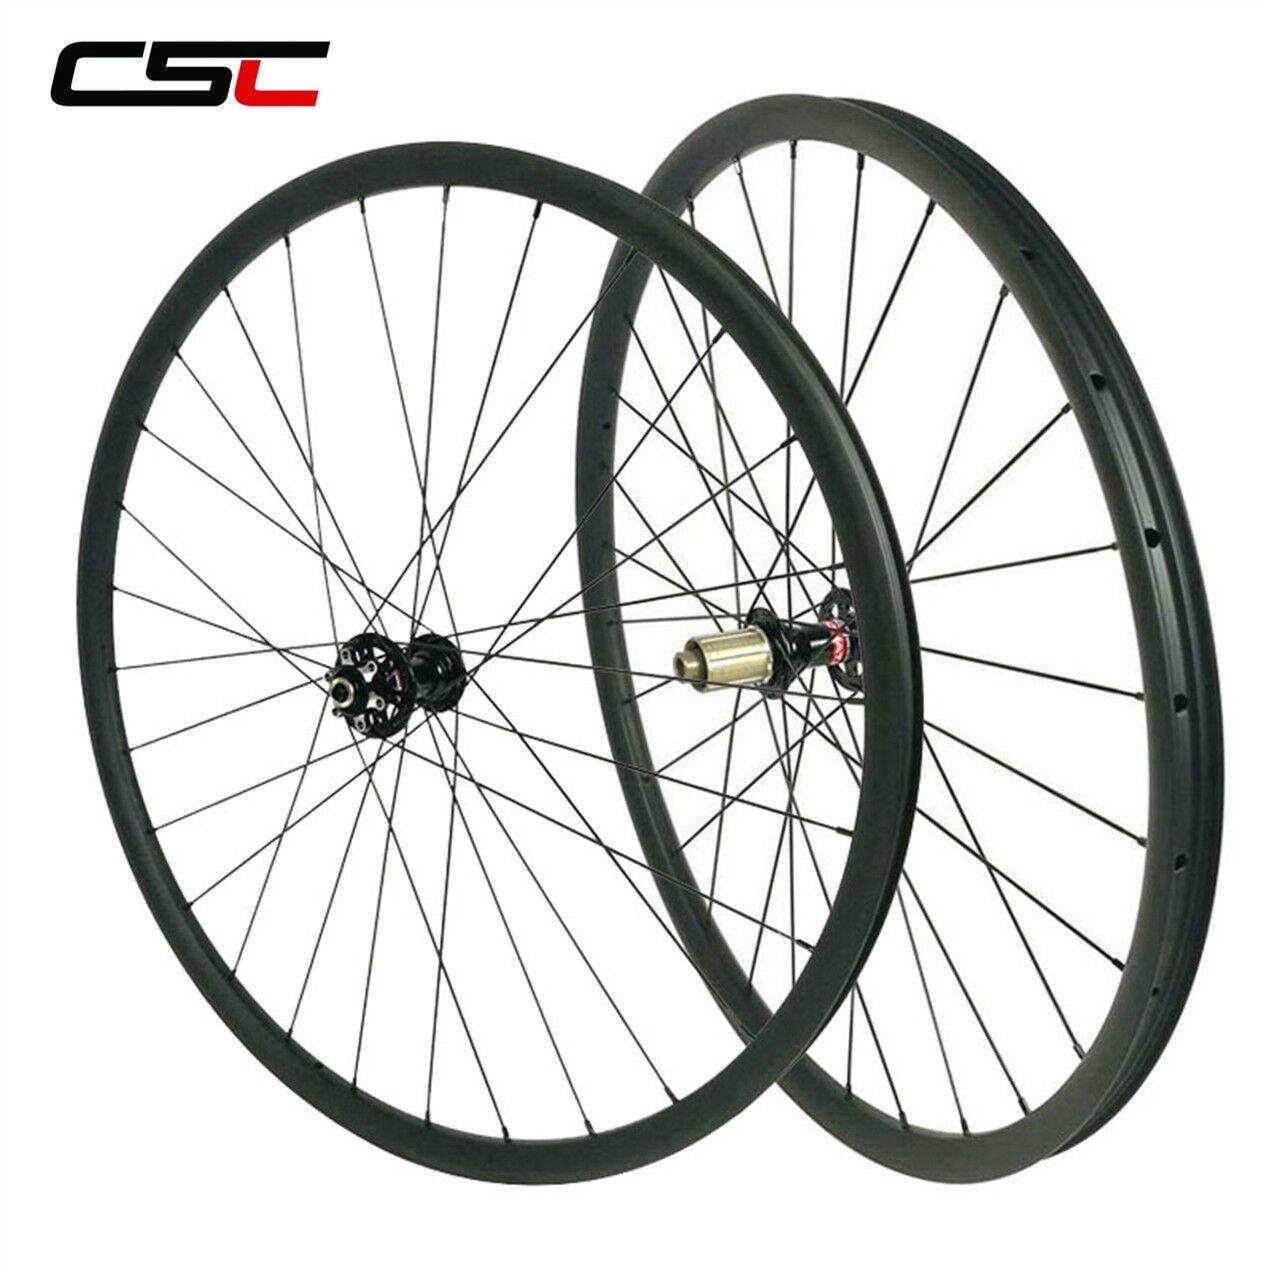 1270g Asymmetric MTB Bike Carbon Wheels 29er 3022 Tubeless XC Hookless Wheelset